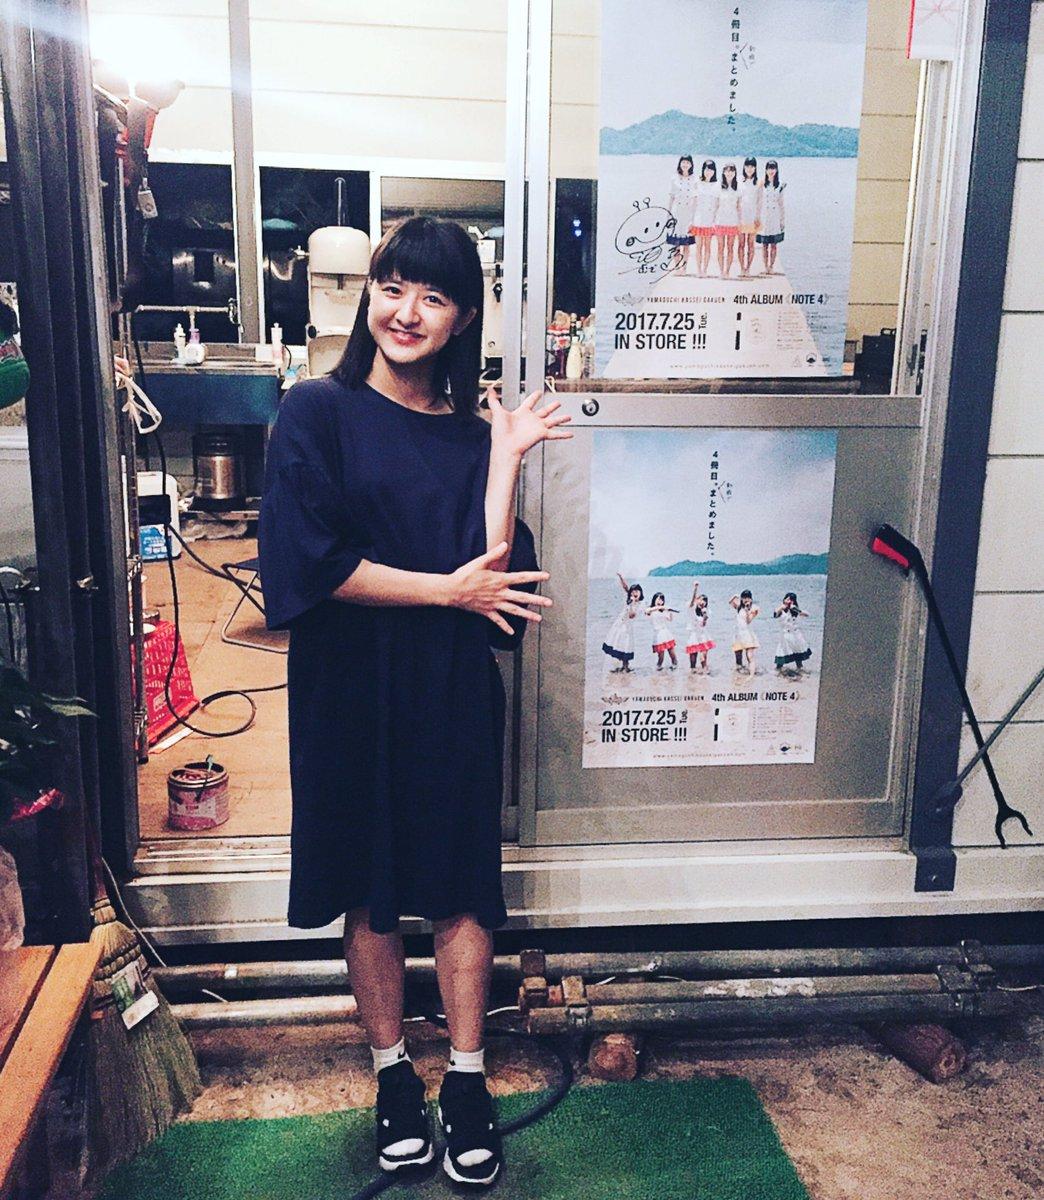 光市 虹ヶ浜 海水浴場の 海の家に貼っていただきました⛱  #ポスタージャック #NOTE4 https://t.co/Ykglw864i4